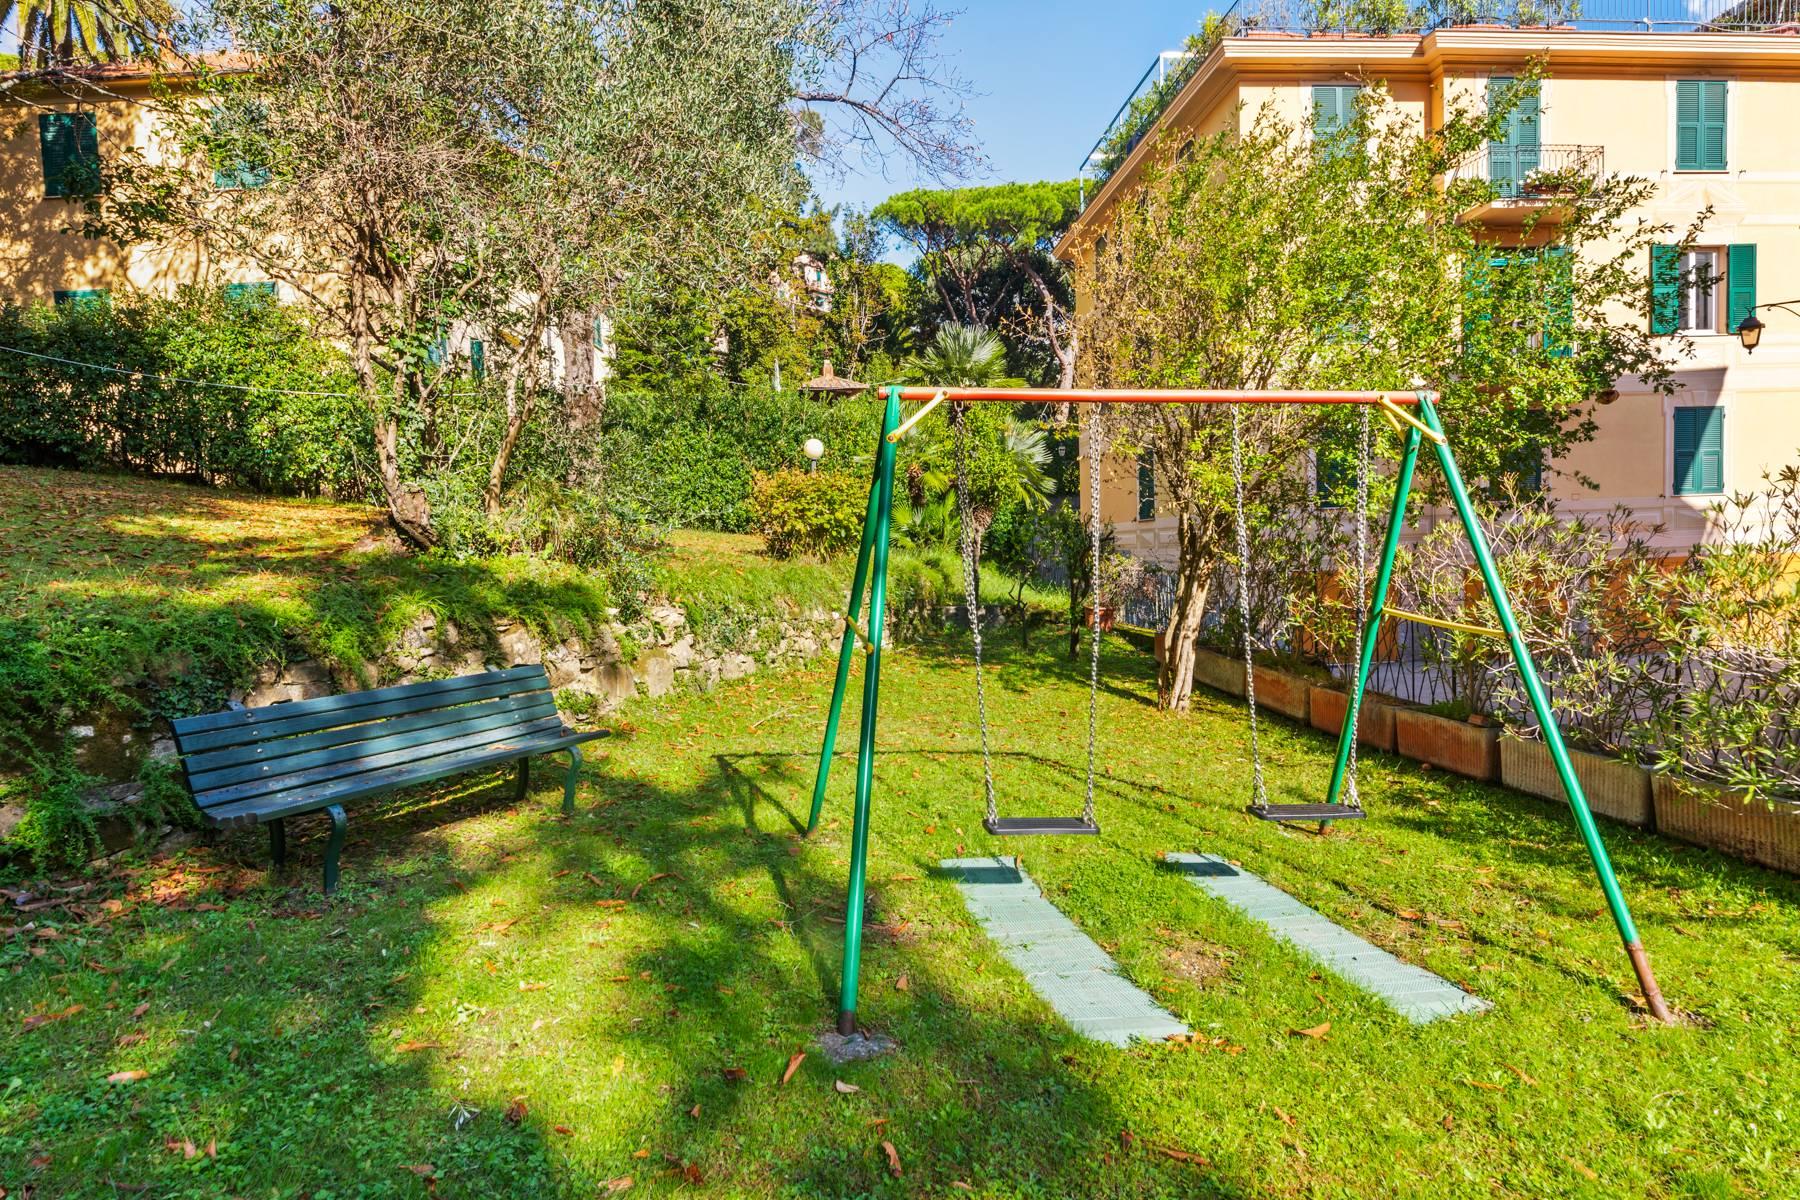 Appartamento in Vendita a Santa Margherita Ligure: 5 locali, 120 mq - Foto 23